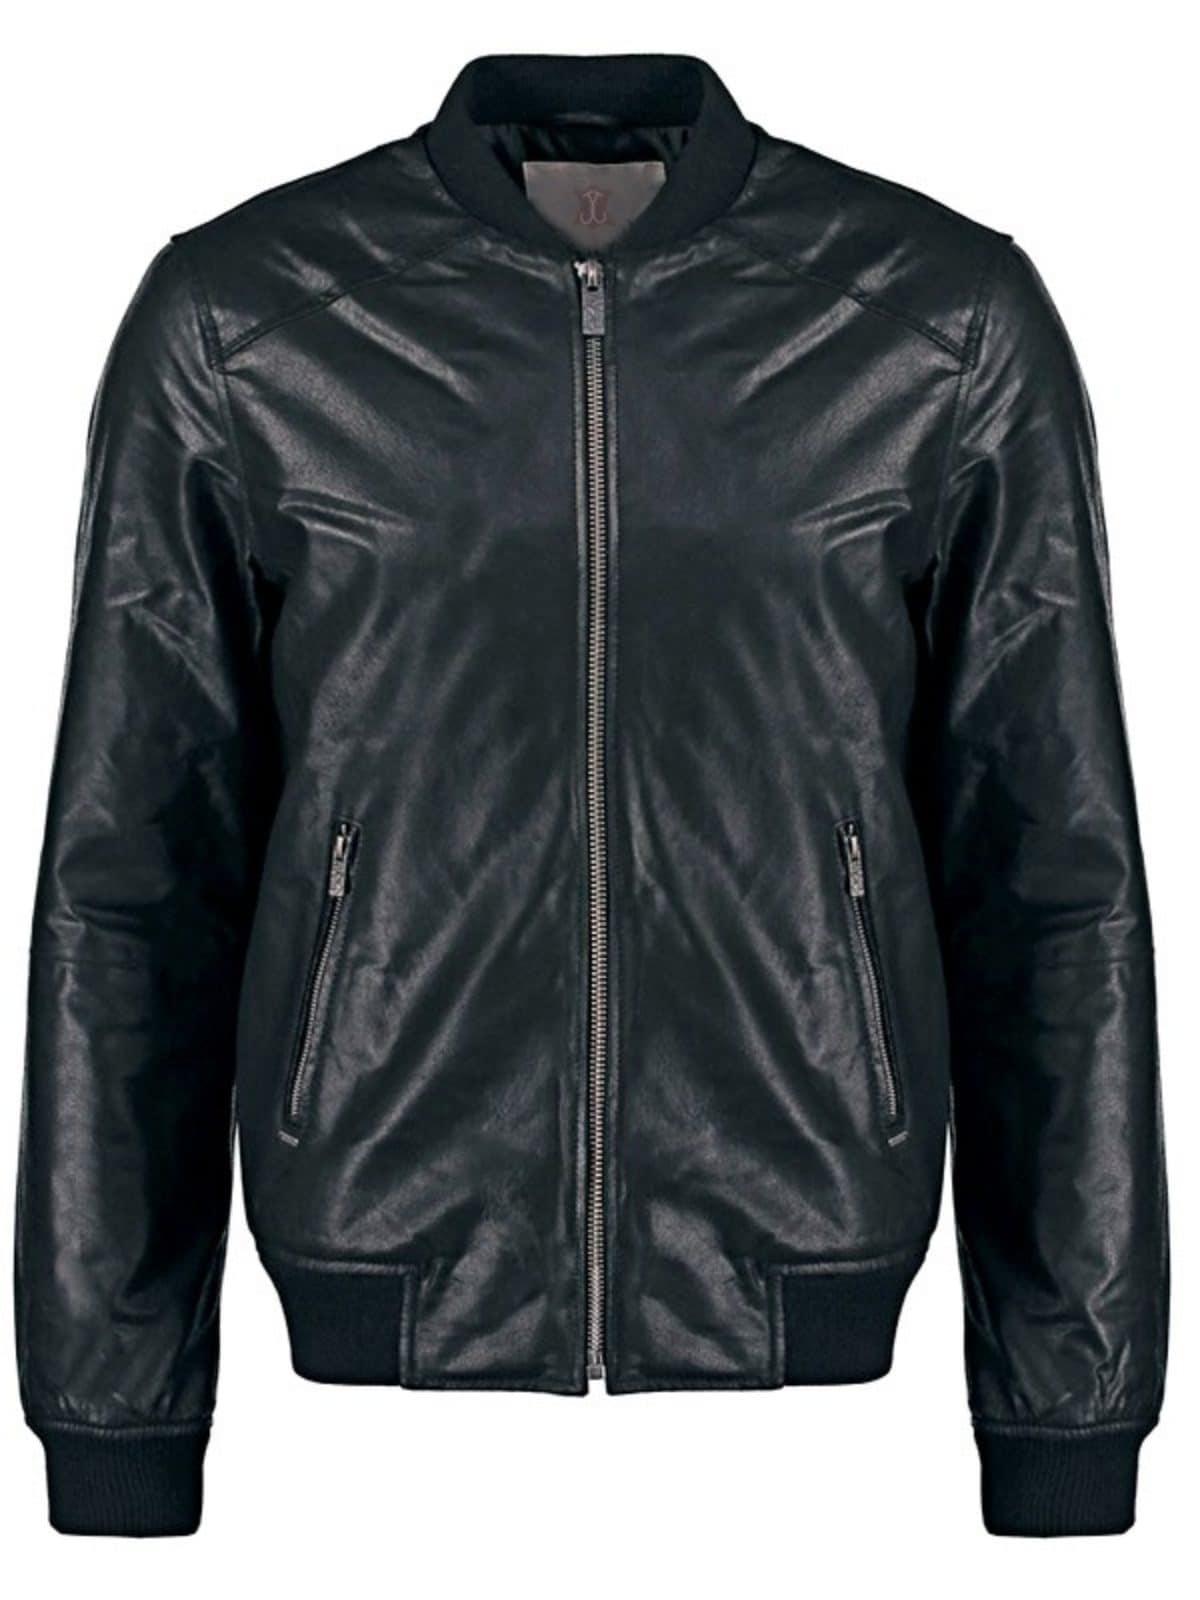 Mens Sheepskin Leather Bomber Jacket Black Front